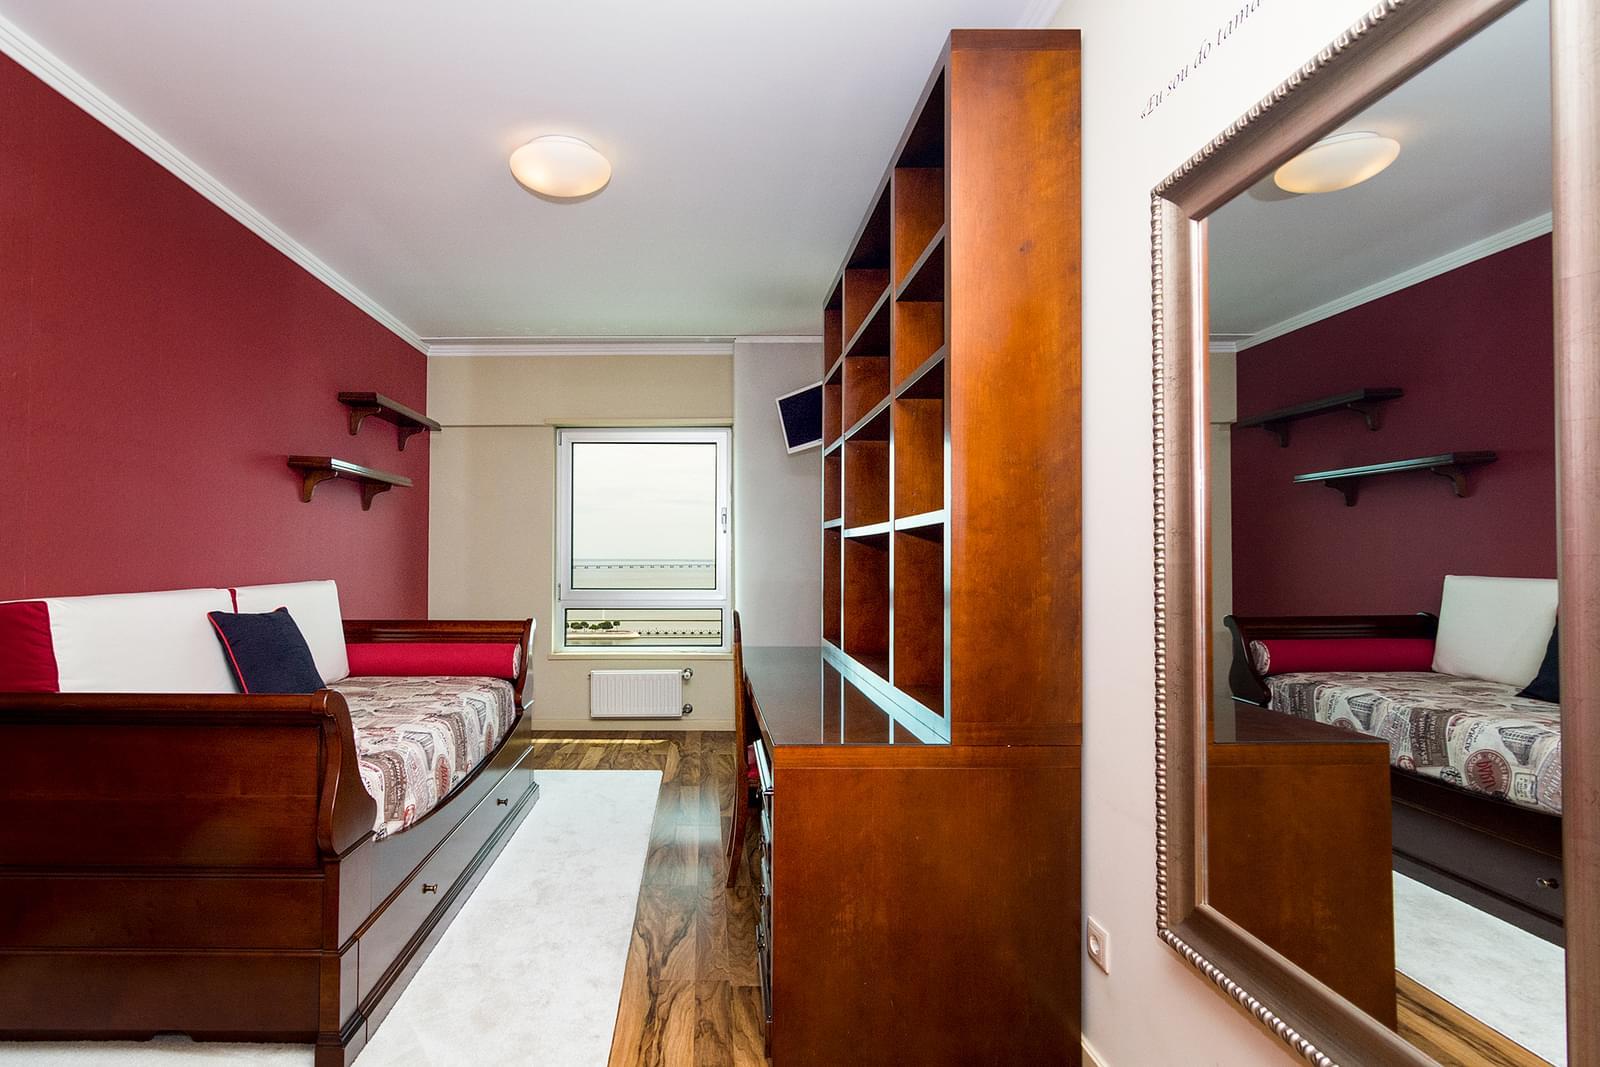 pf17449-apartamento-t4-lisboa-5f260d67-2e9b-40ab-962b-60b64efcacff